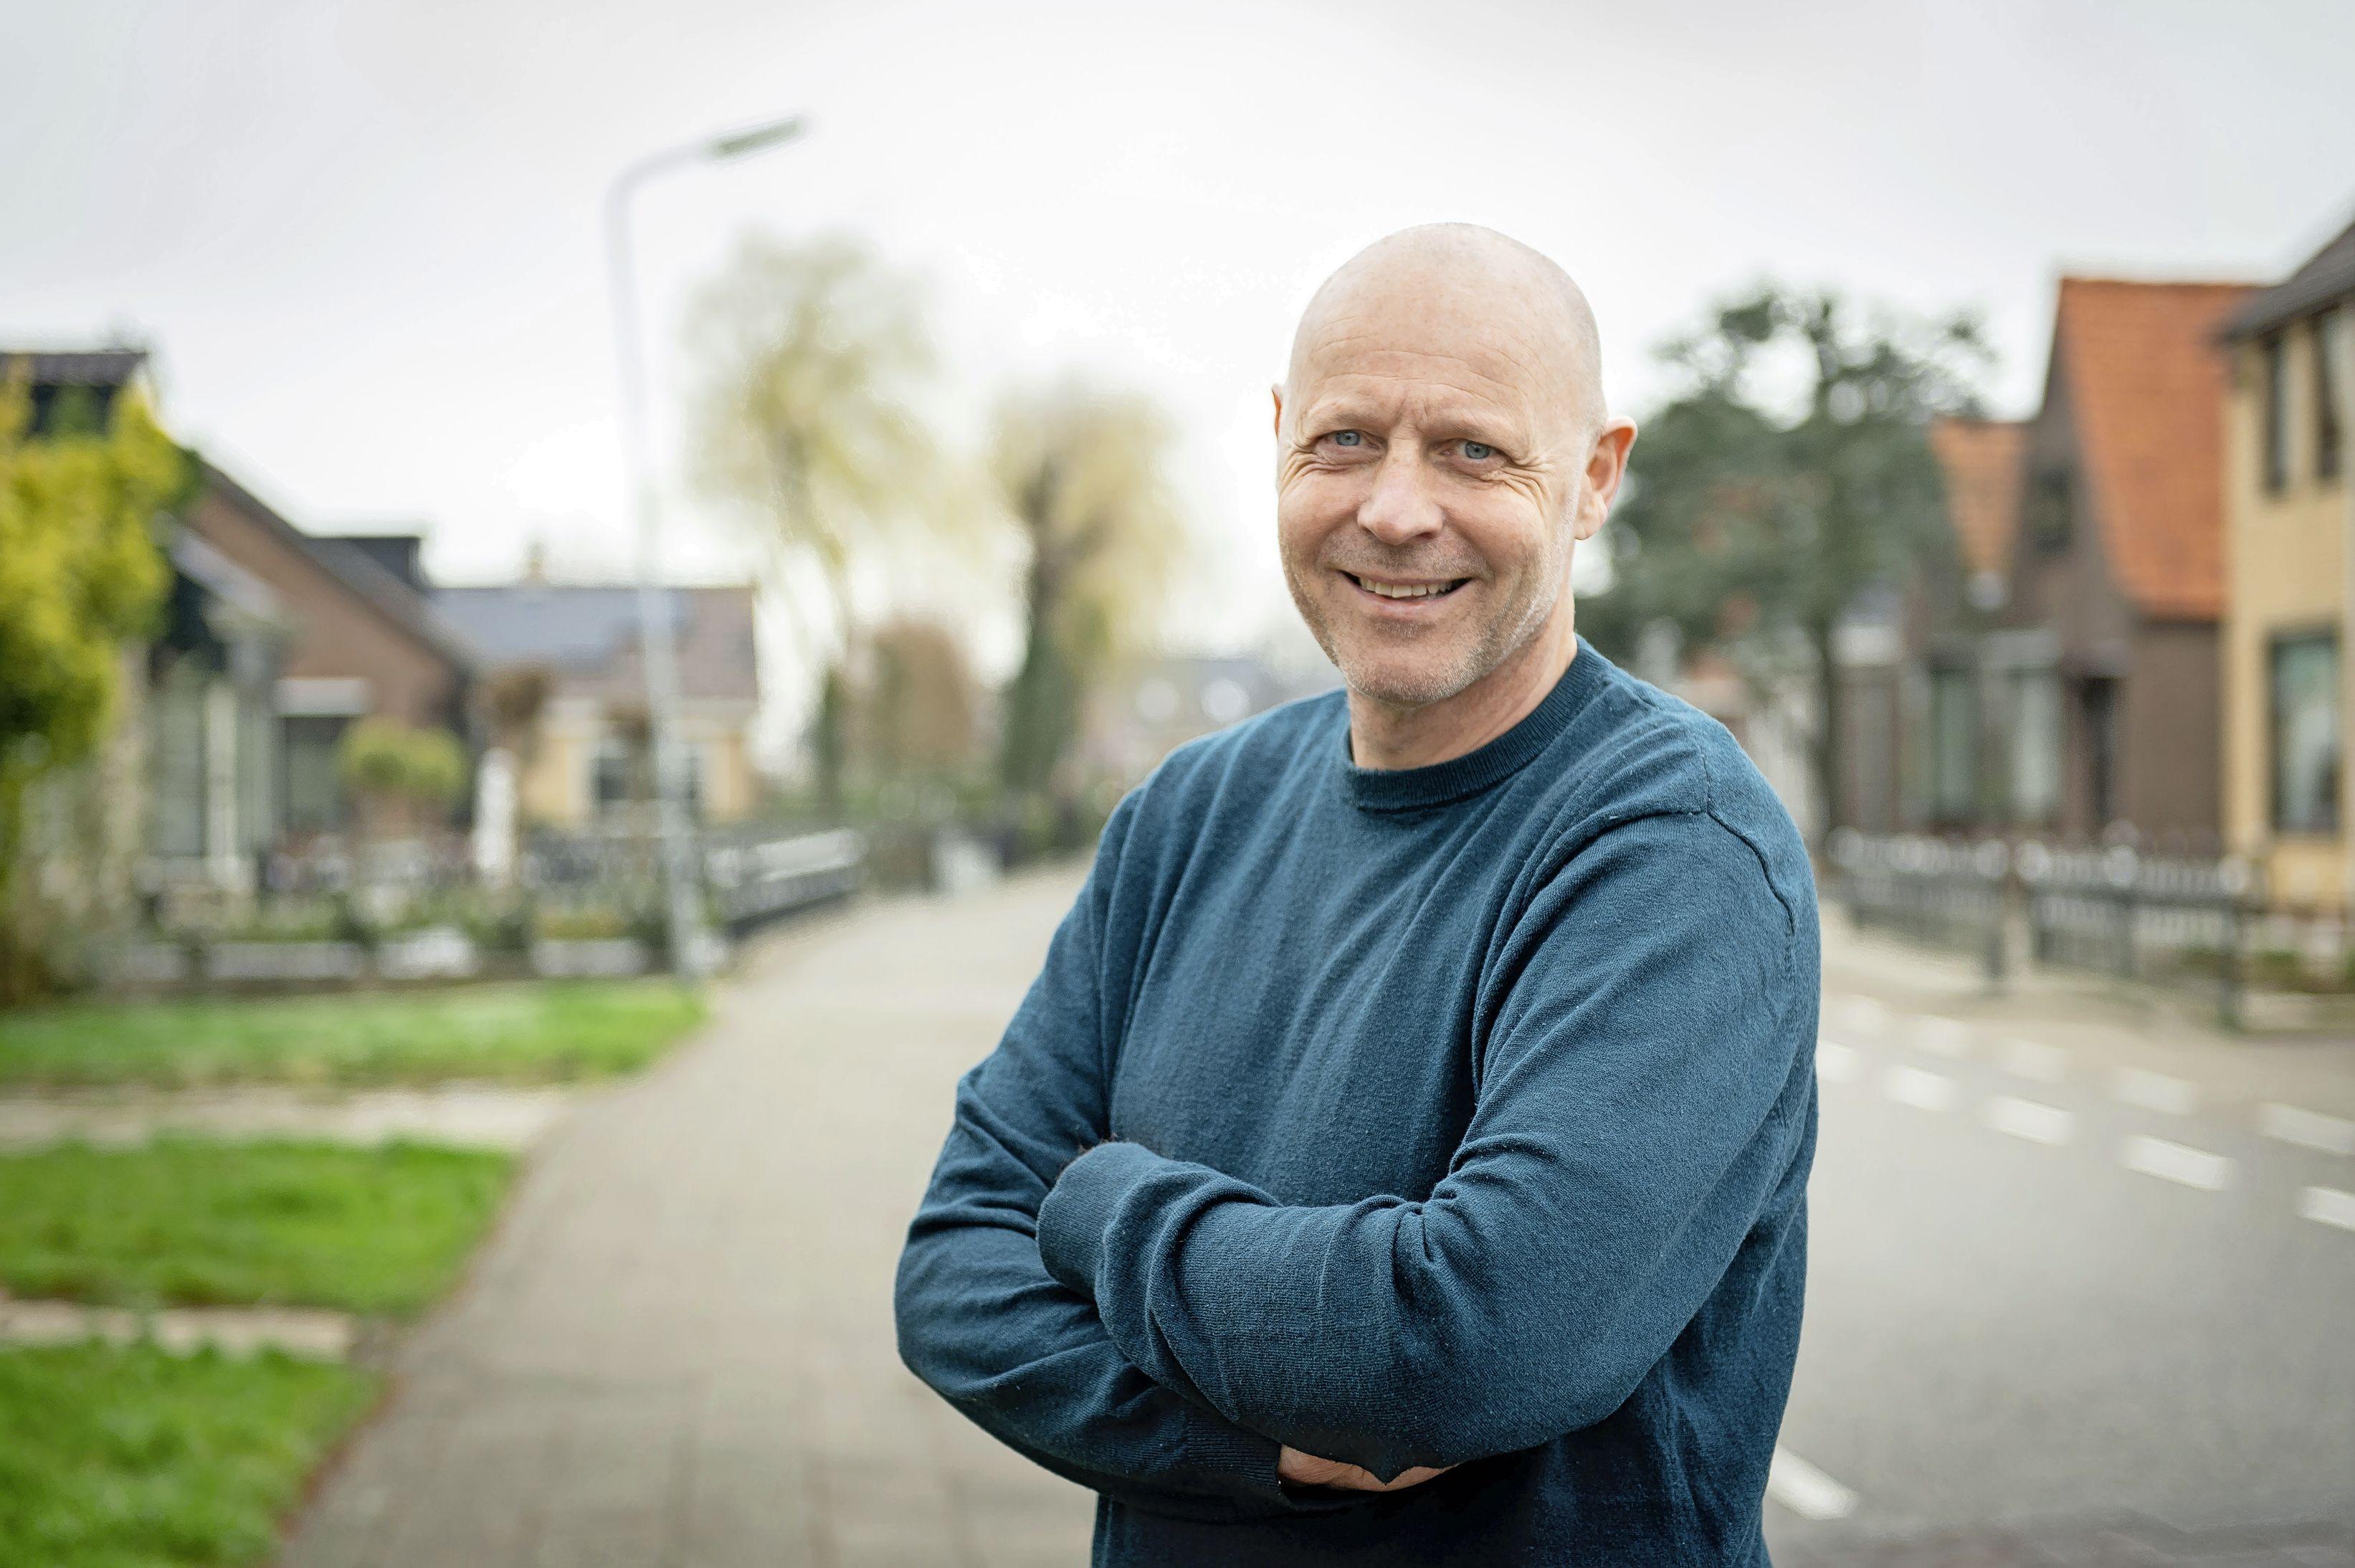 Burgemeestersbenoeming Oostzaan doorgezet: GroenLinkser Jongert staat alleen in zijn kritiek